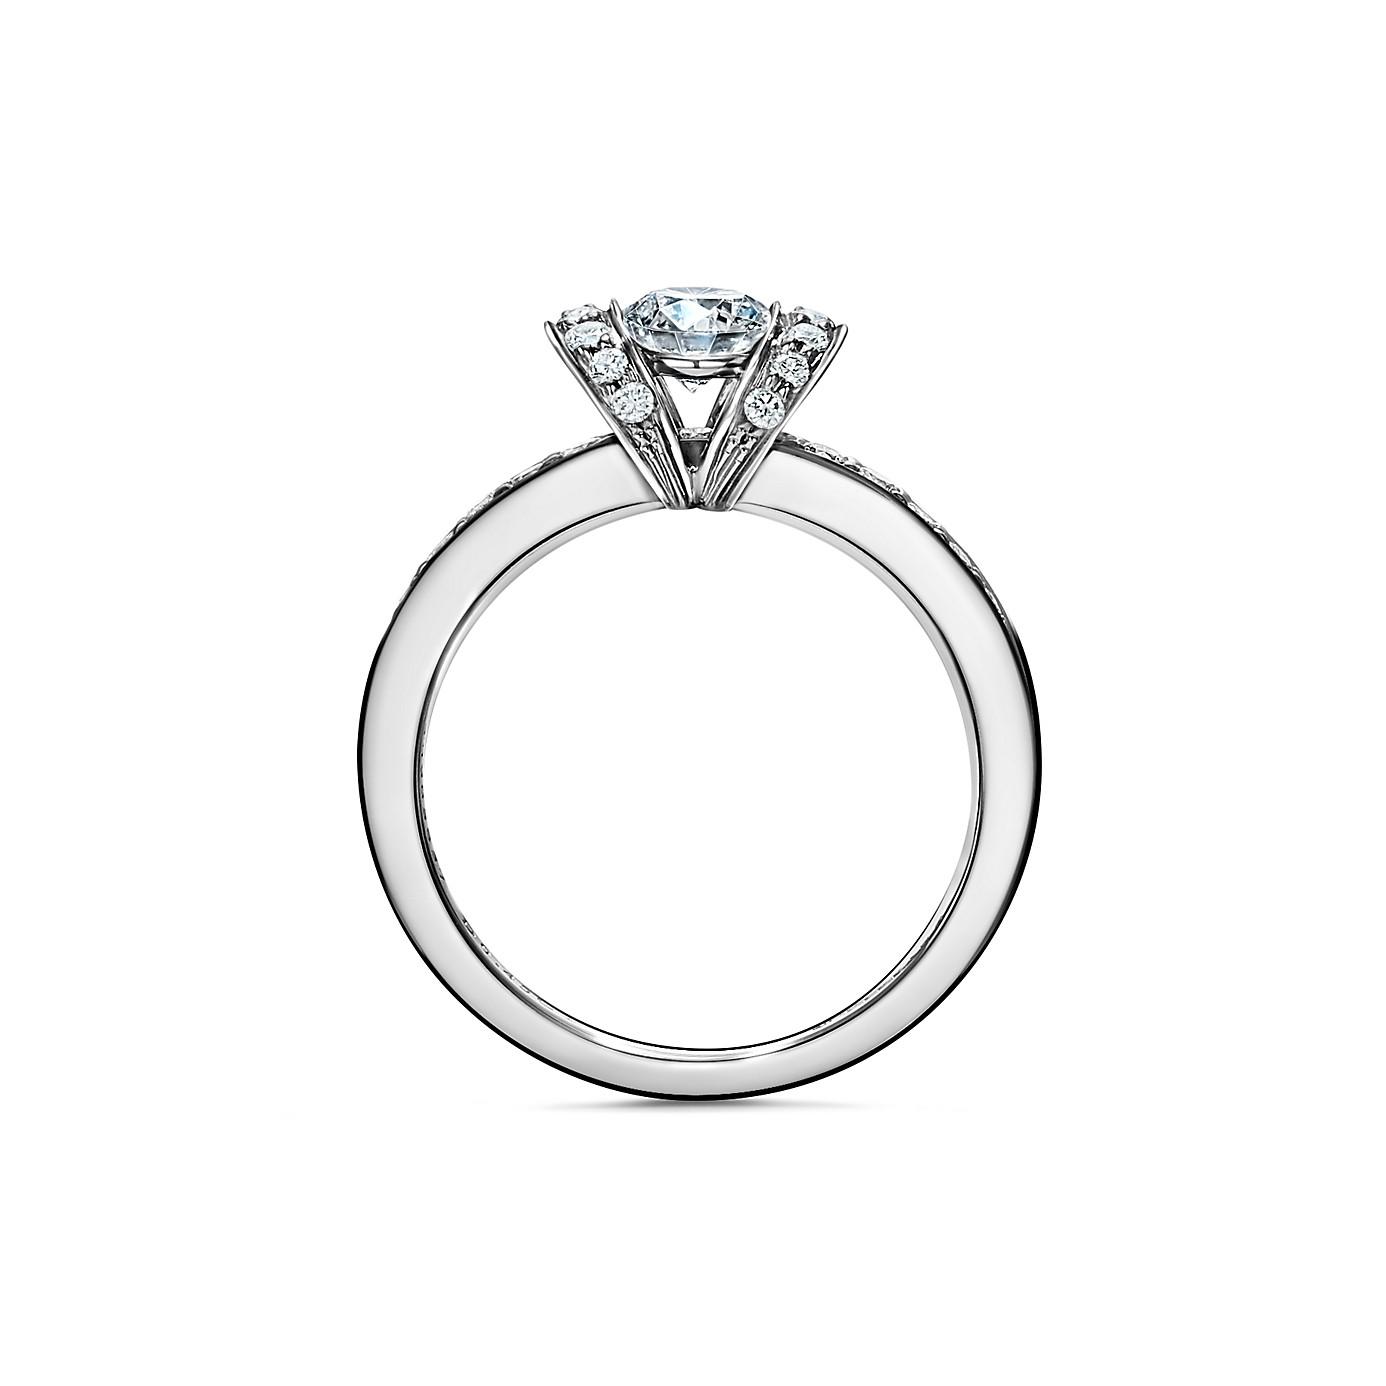 ティファニー リボン エンゲージメント リング(2)―Tiffany & Co.(ティファニー)